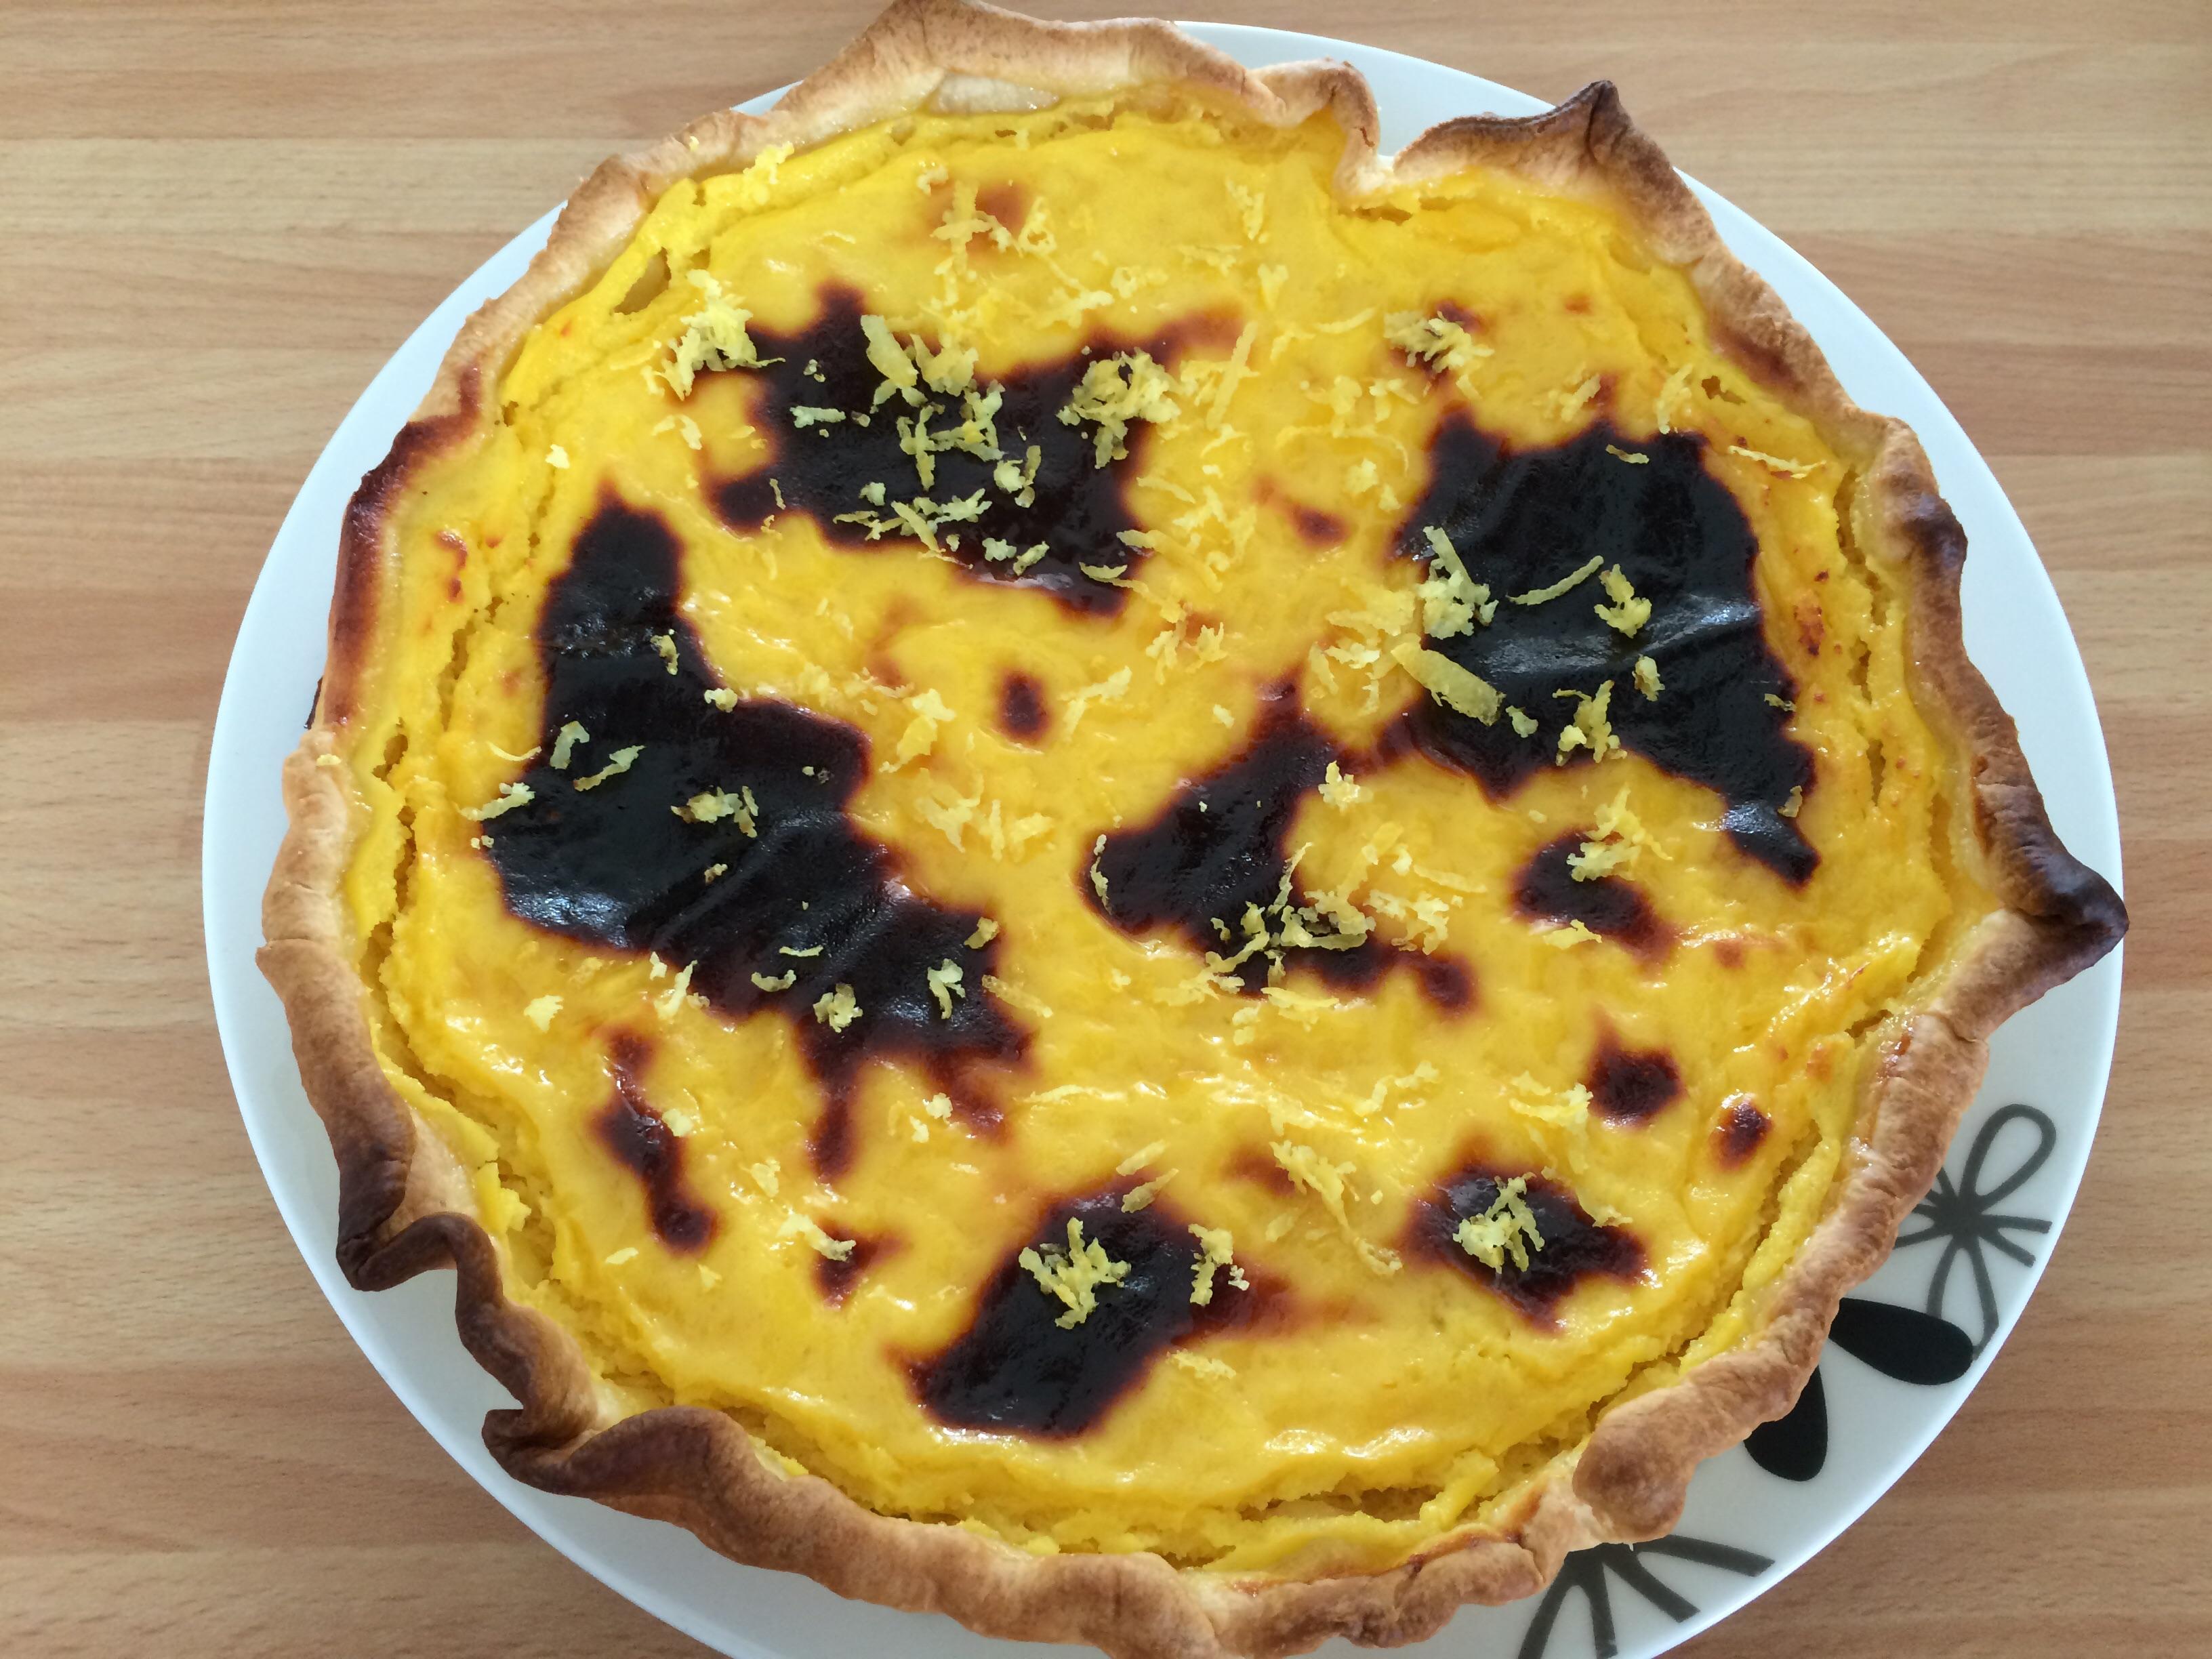 Tarte au citron vert et au fromage blanc